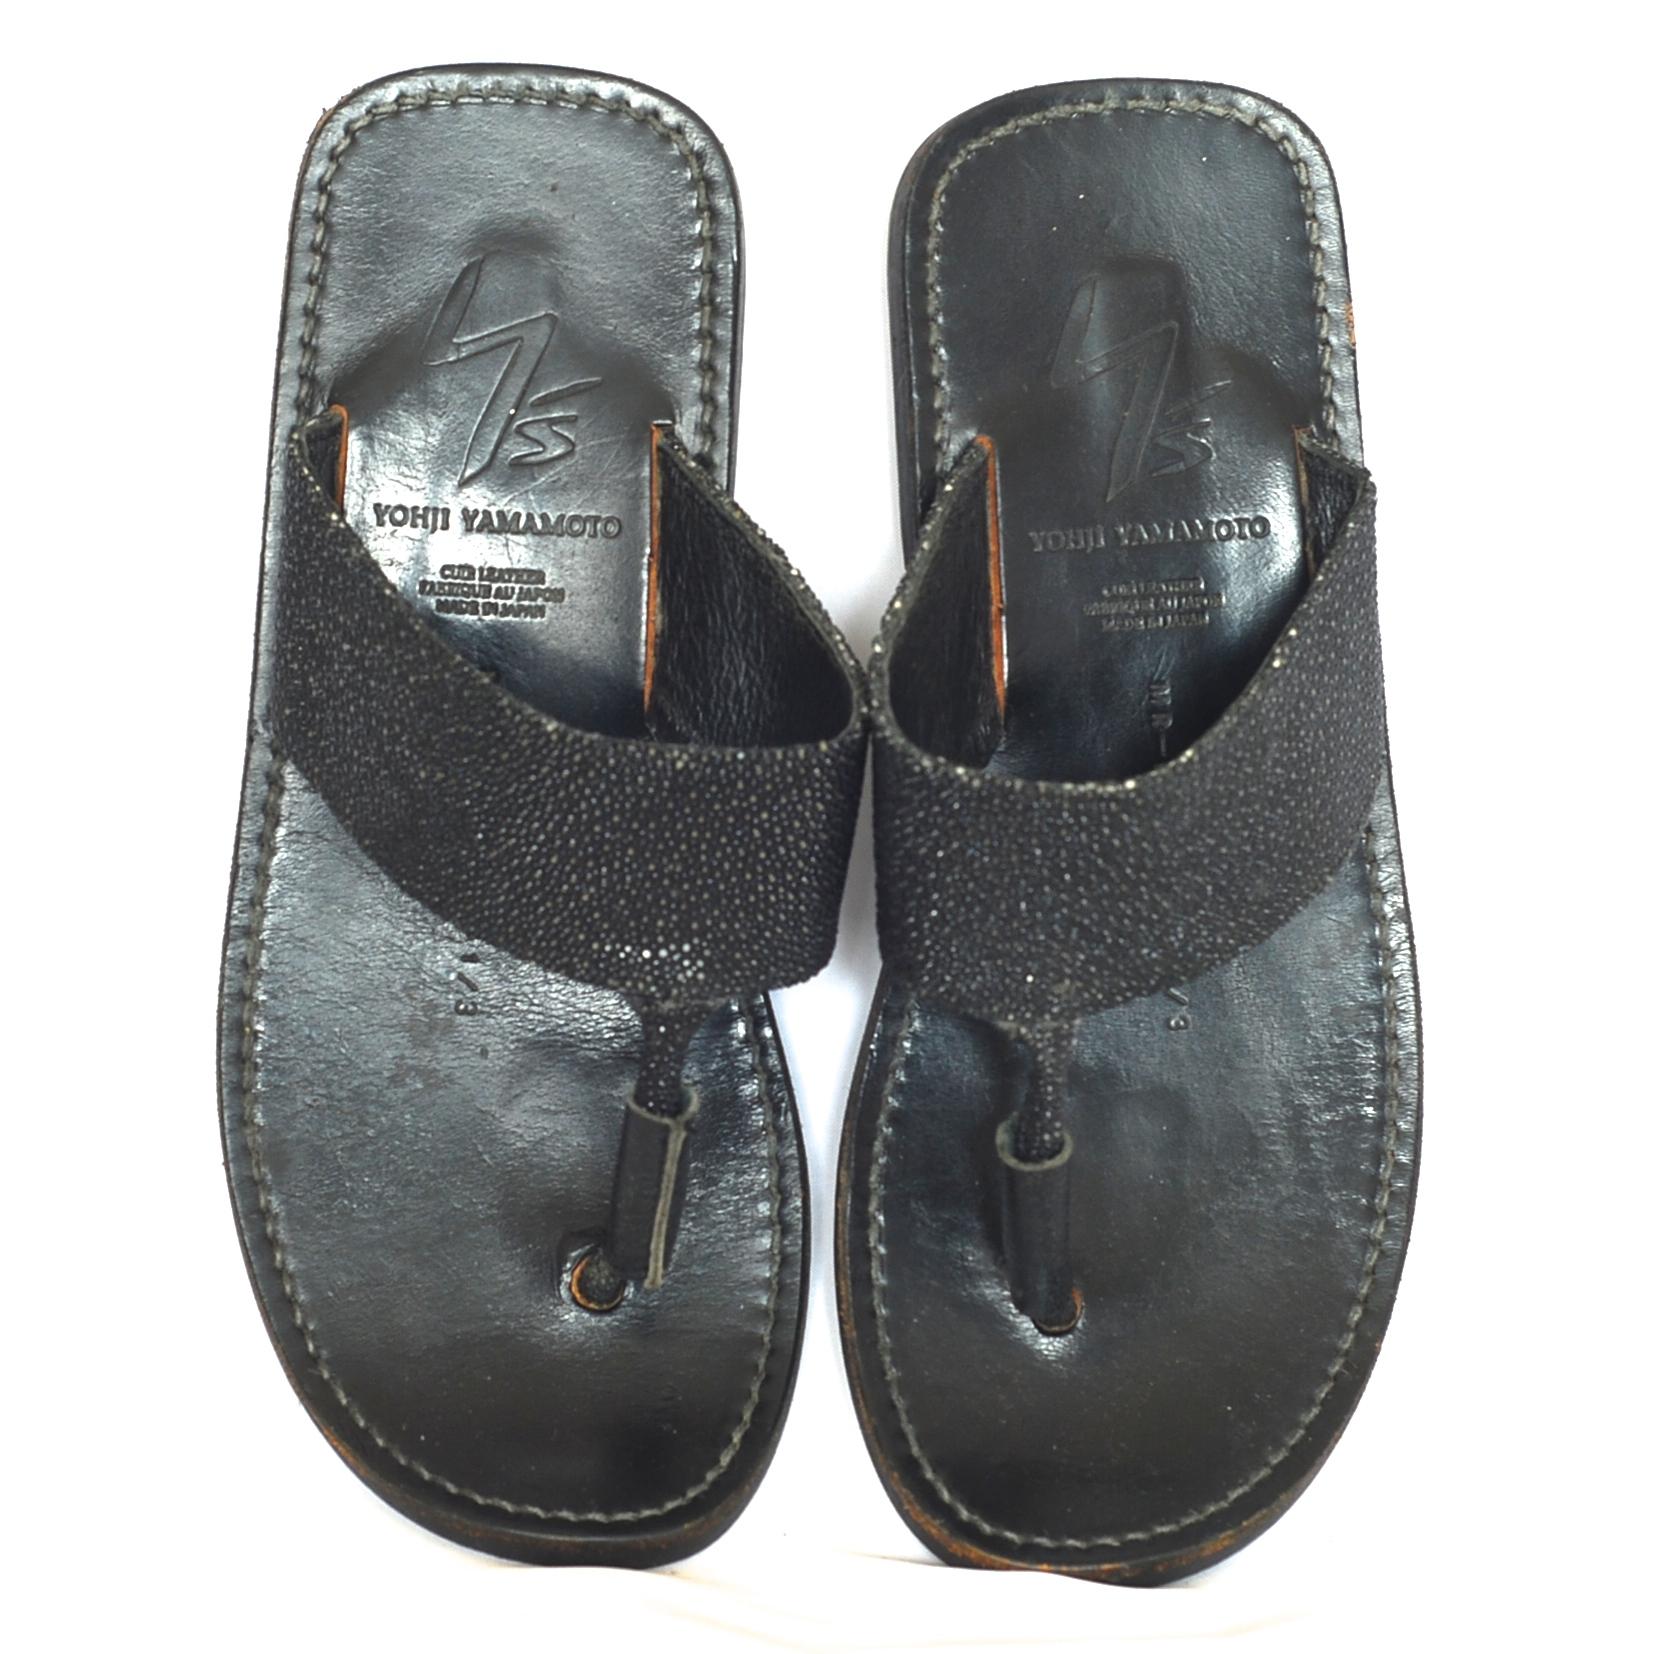 f2f8b0ebf5161 Yohji Yamamoto Black Leather Thong Sandals With A Hint Of Glitter – Japan